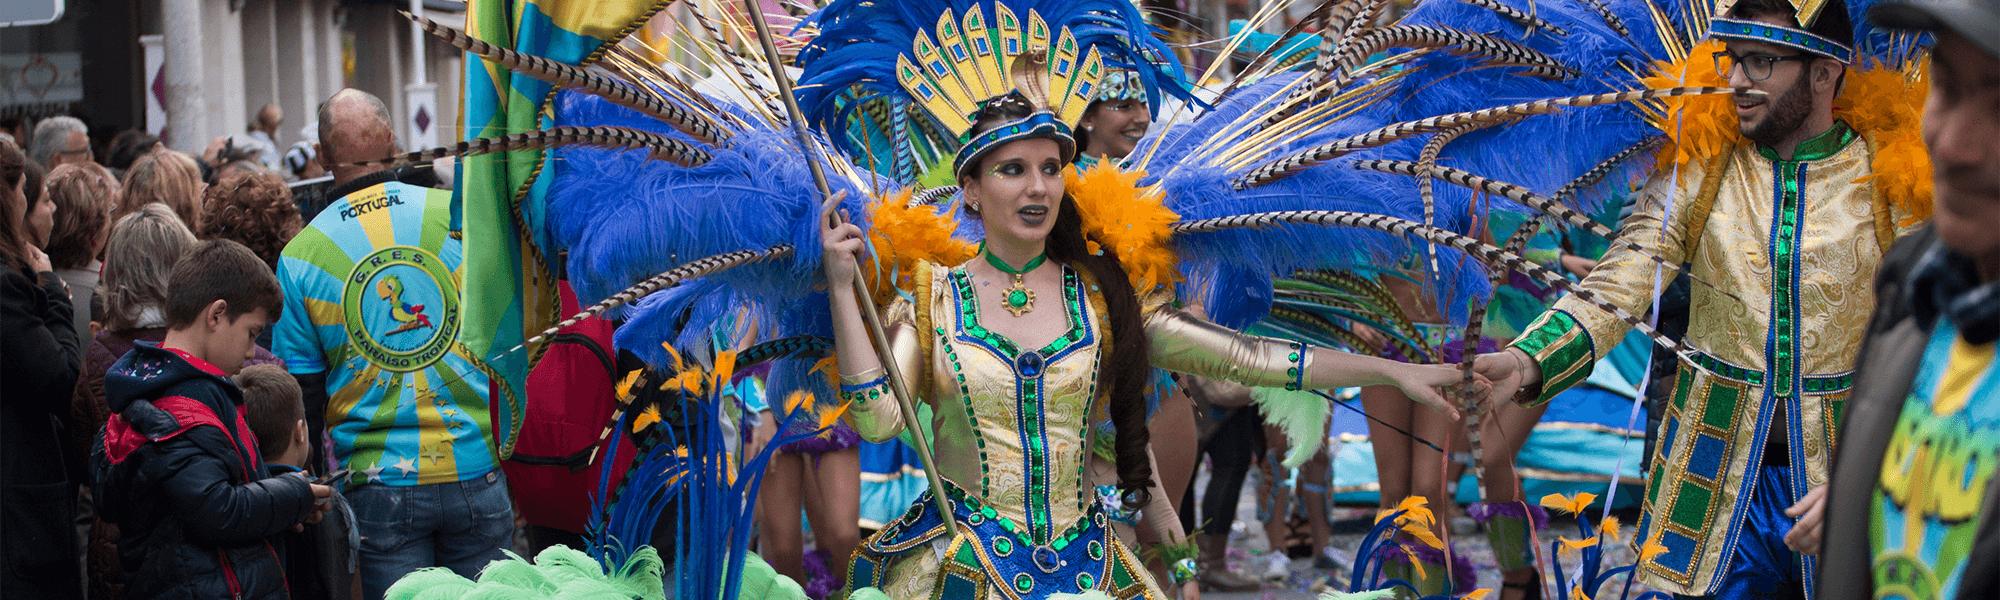 Karneval Parade Portugal